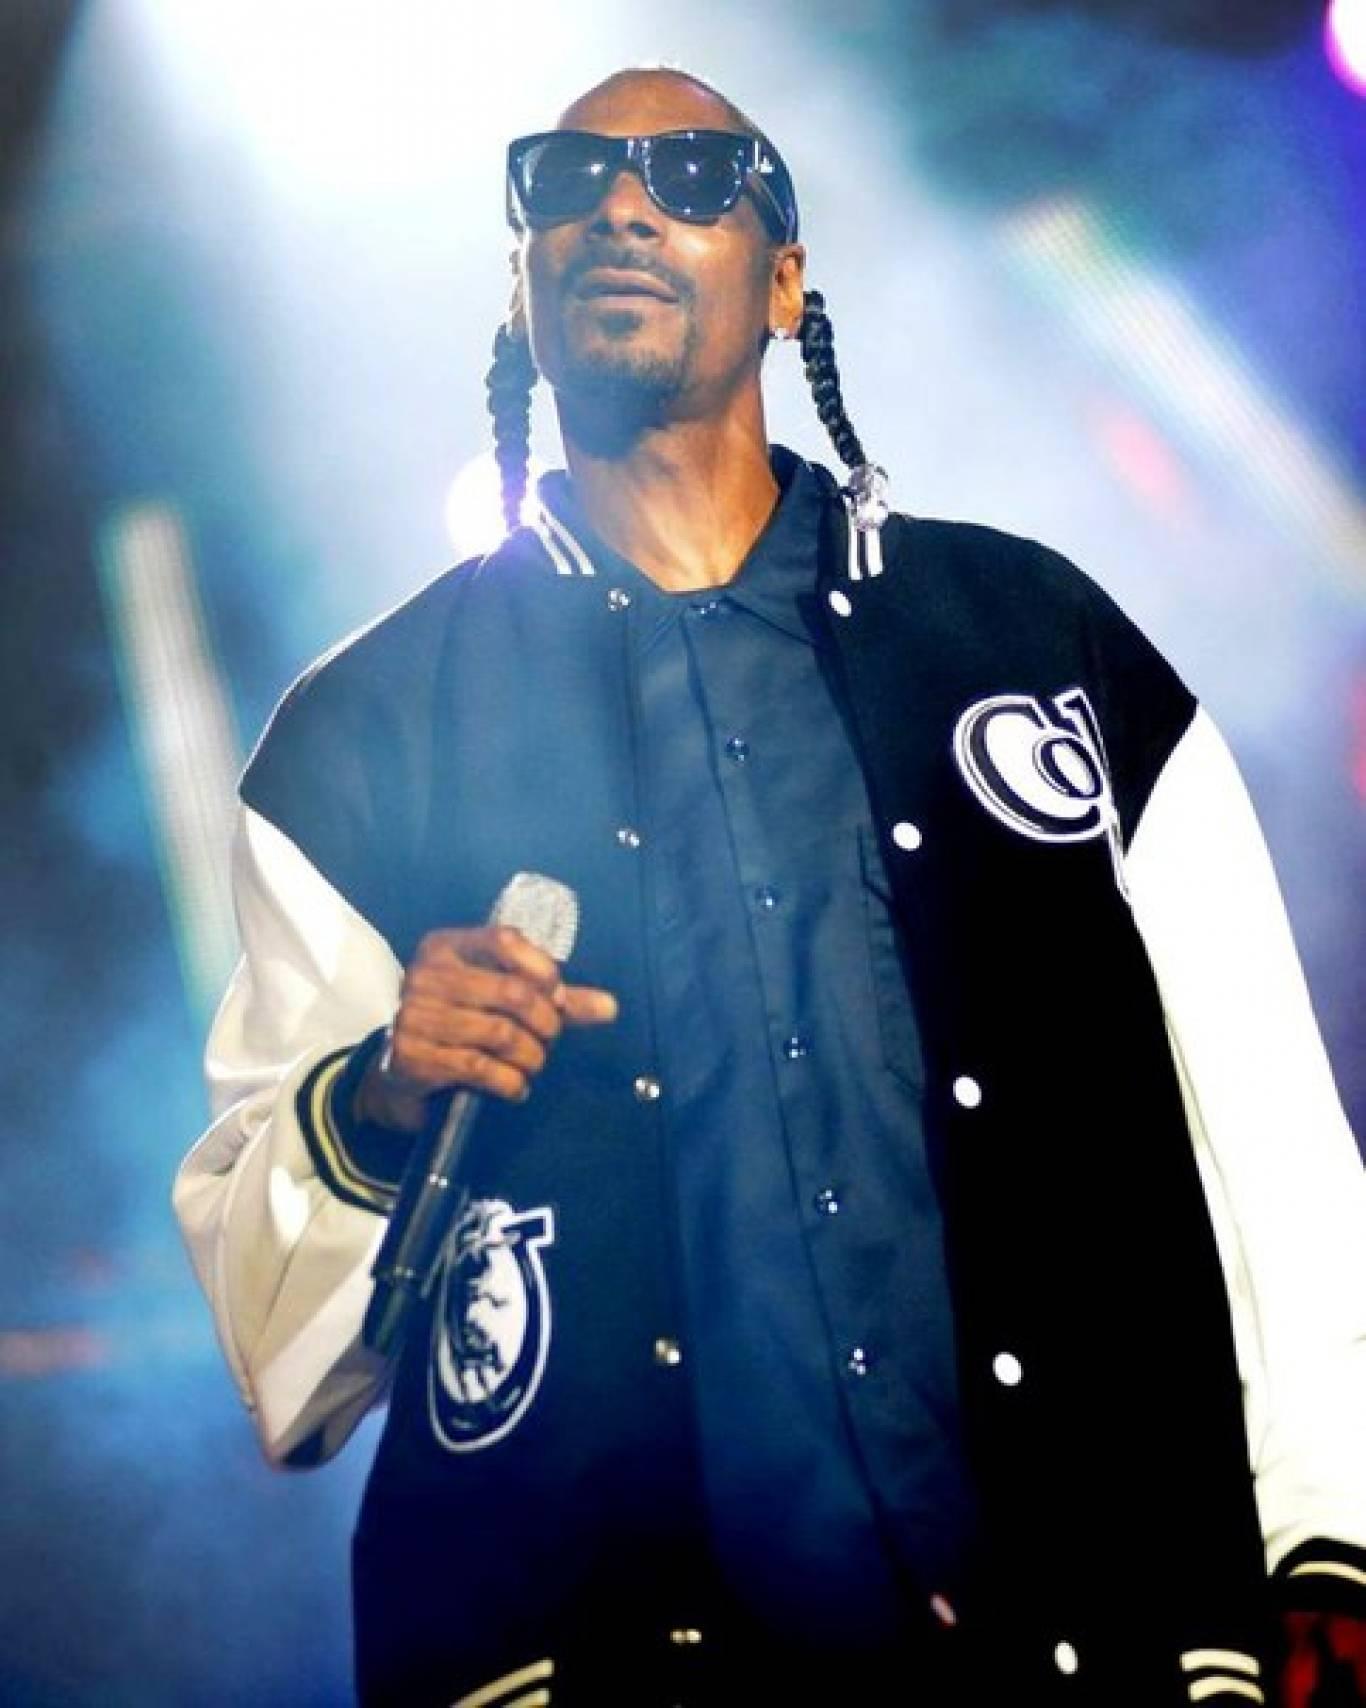 Концерт репера Snoop Dogg у Палаці Спорту